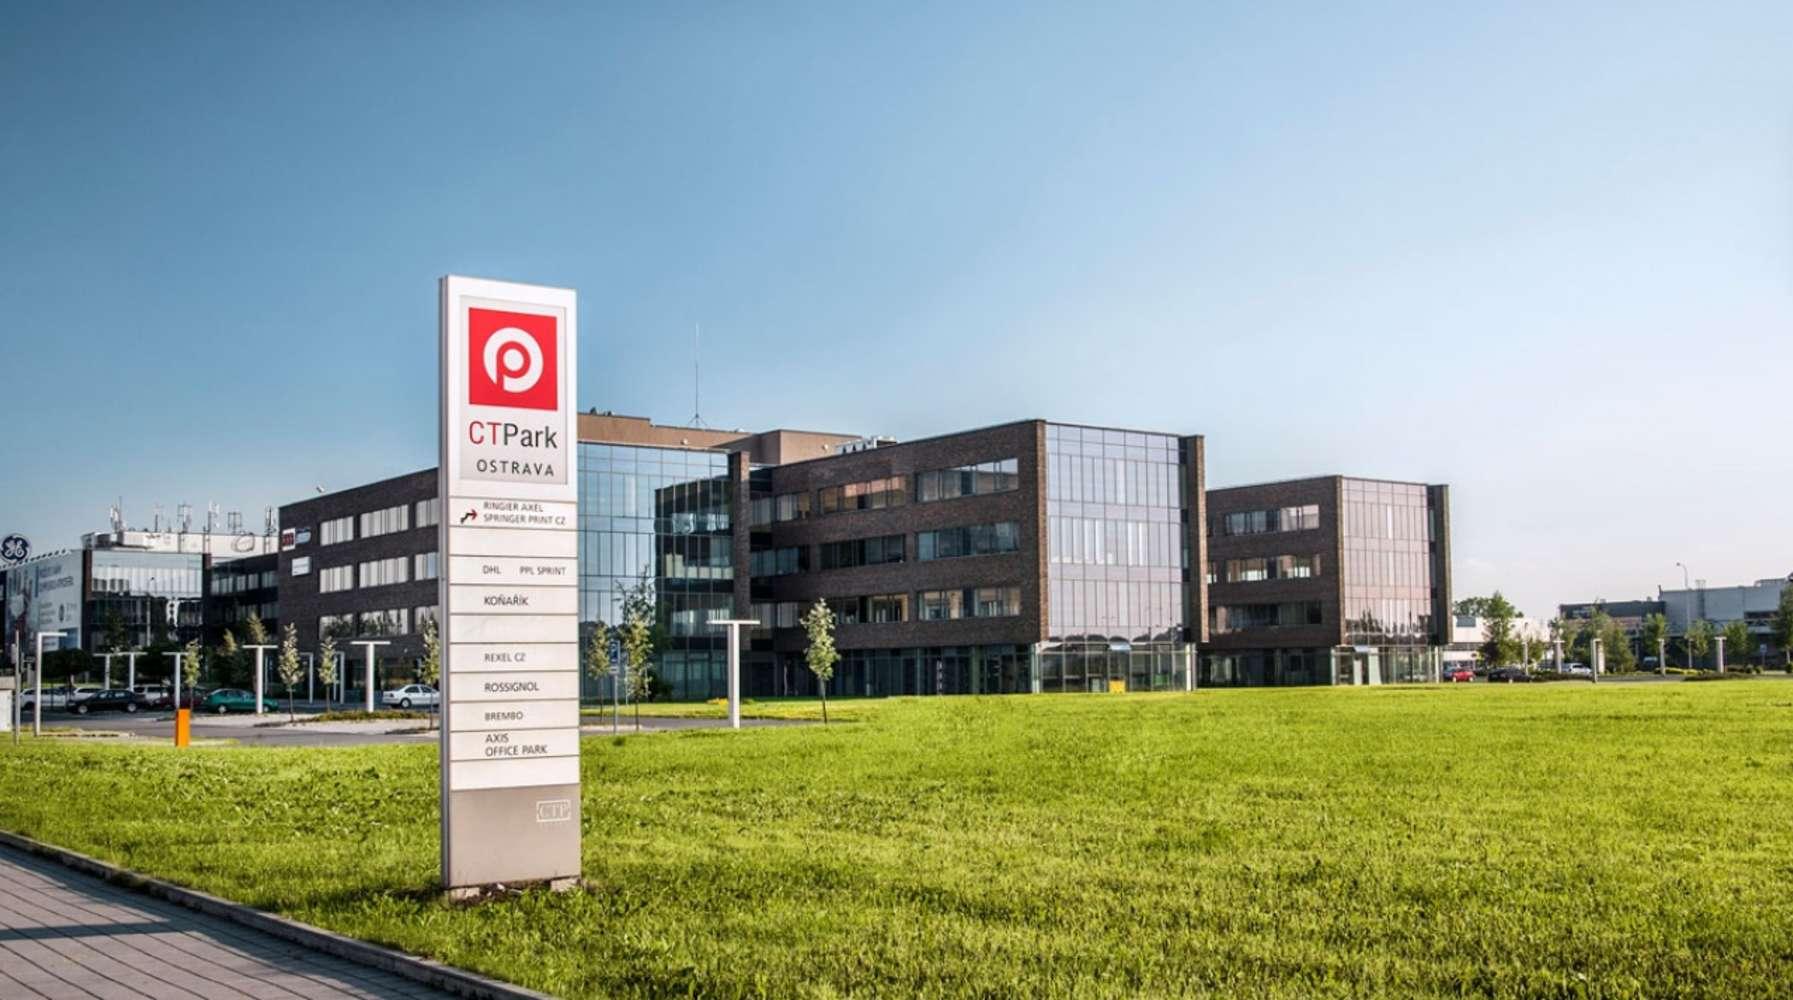 Průmyslové nemovitosti Ostrava,  - CTPark Ostrava